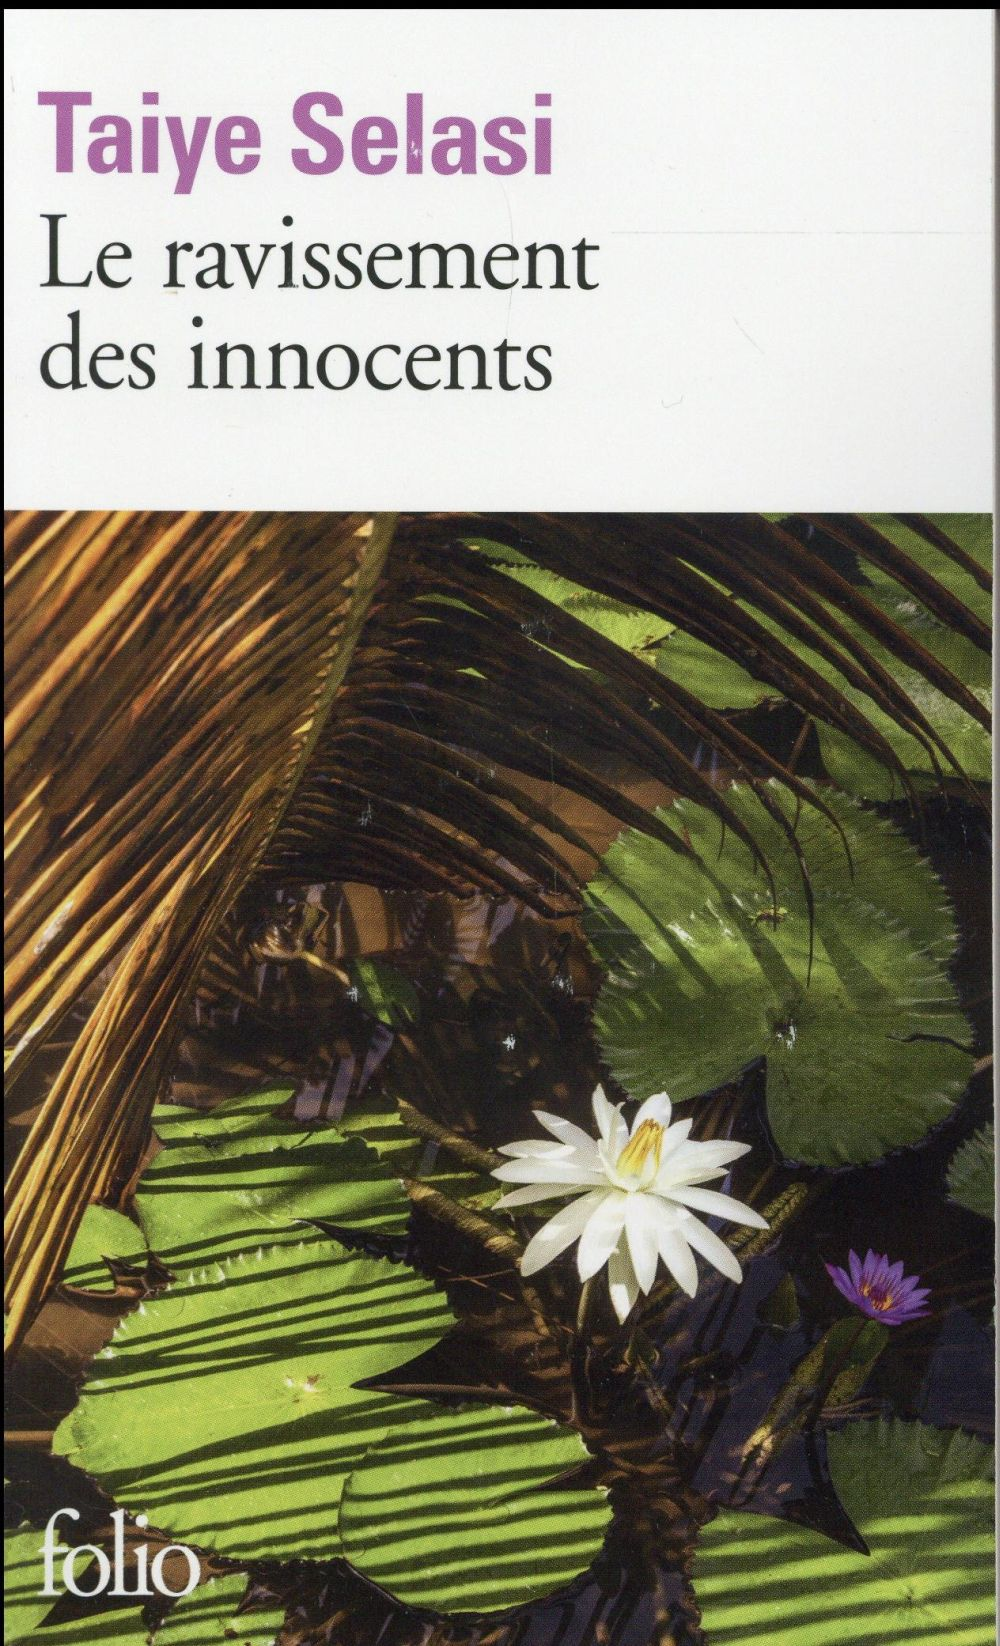 Le ravissement des innocents